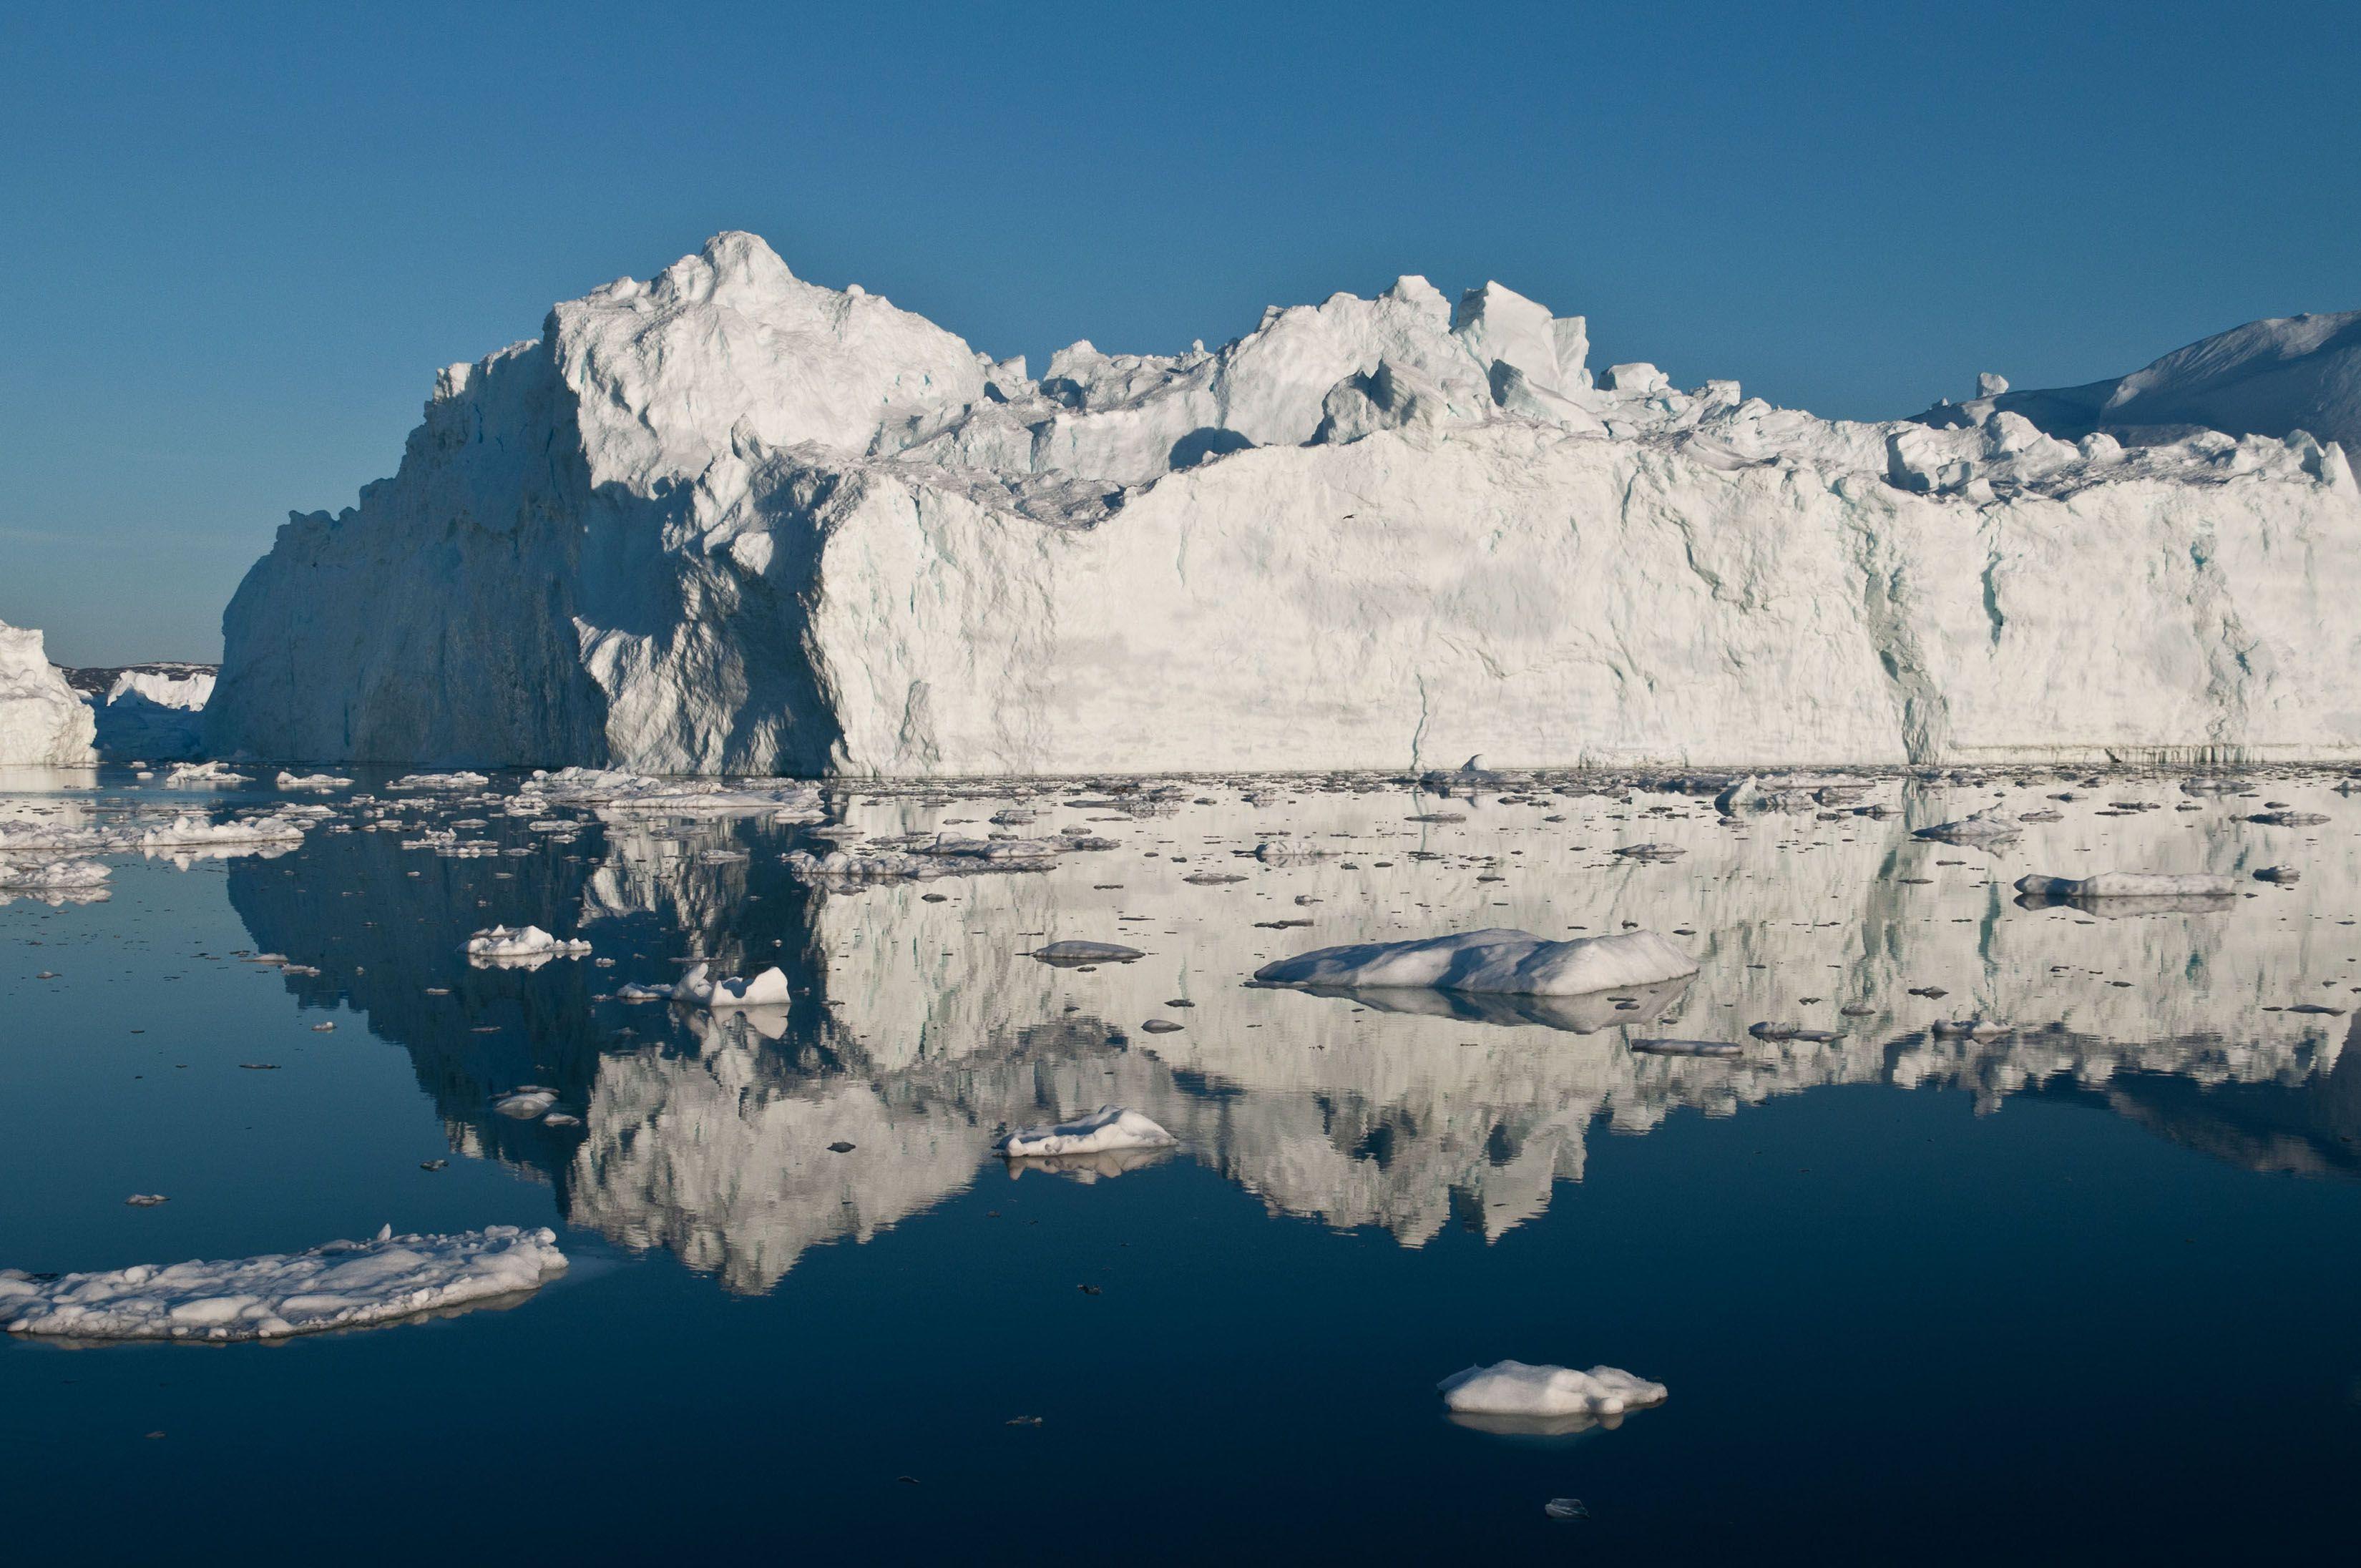 格陵蘭氣溫持續升高導致海冰融化。AP圖片